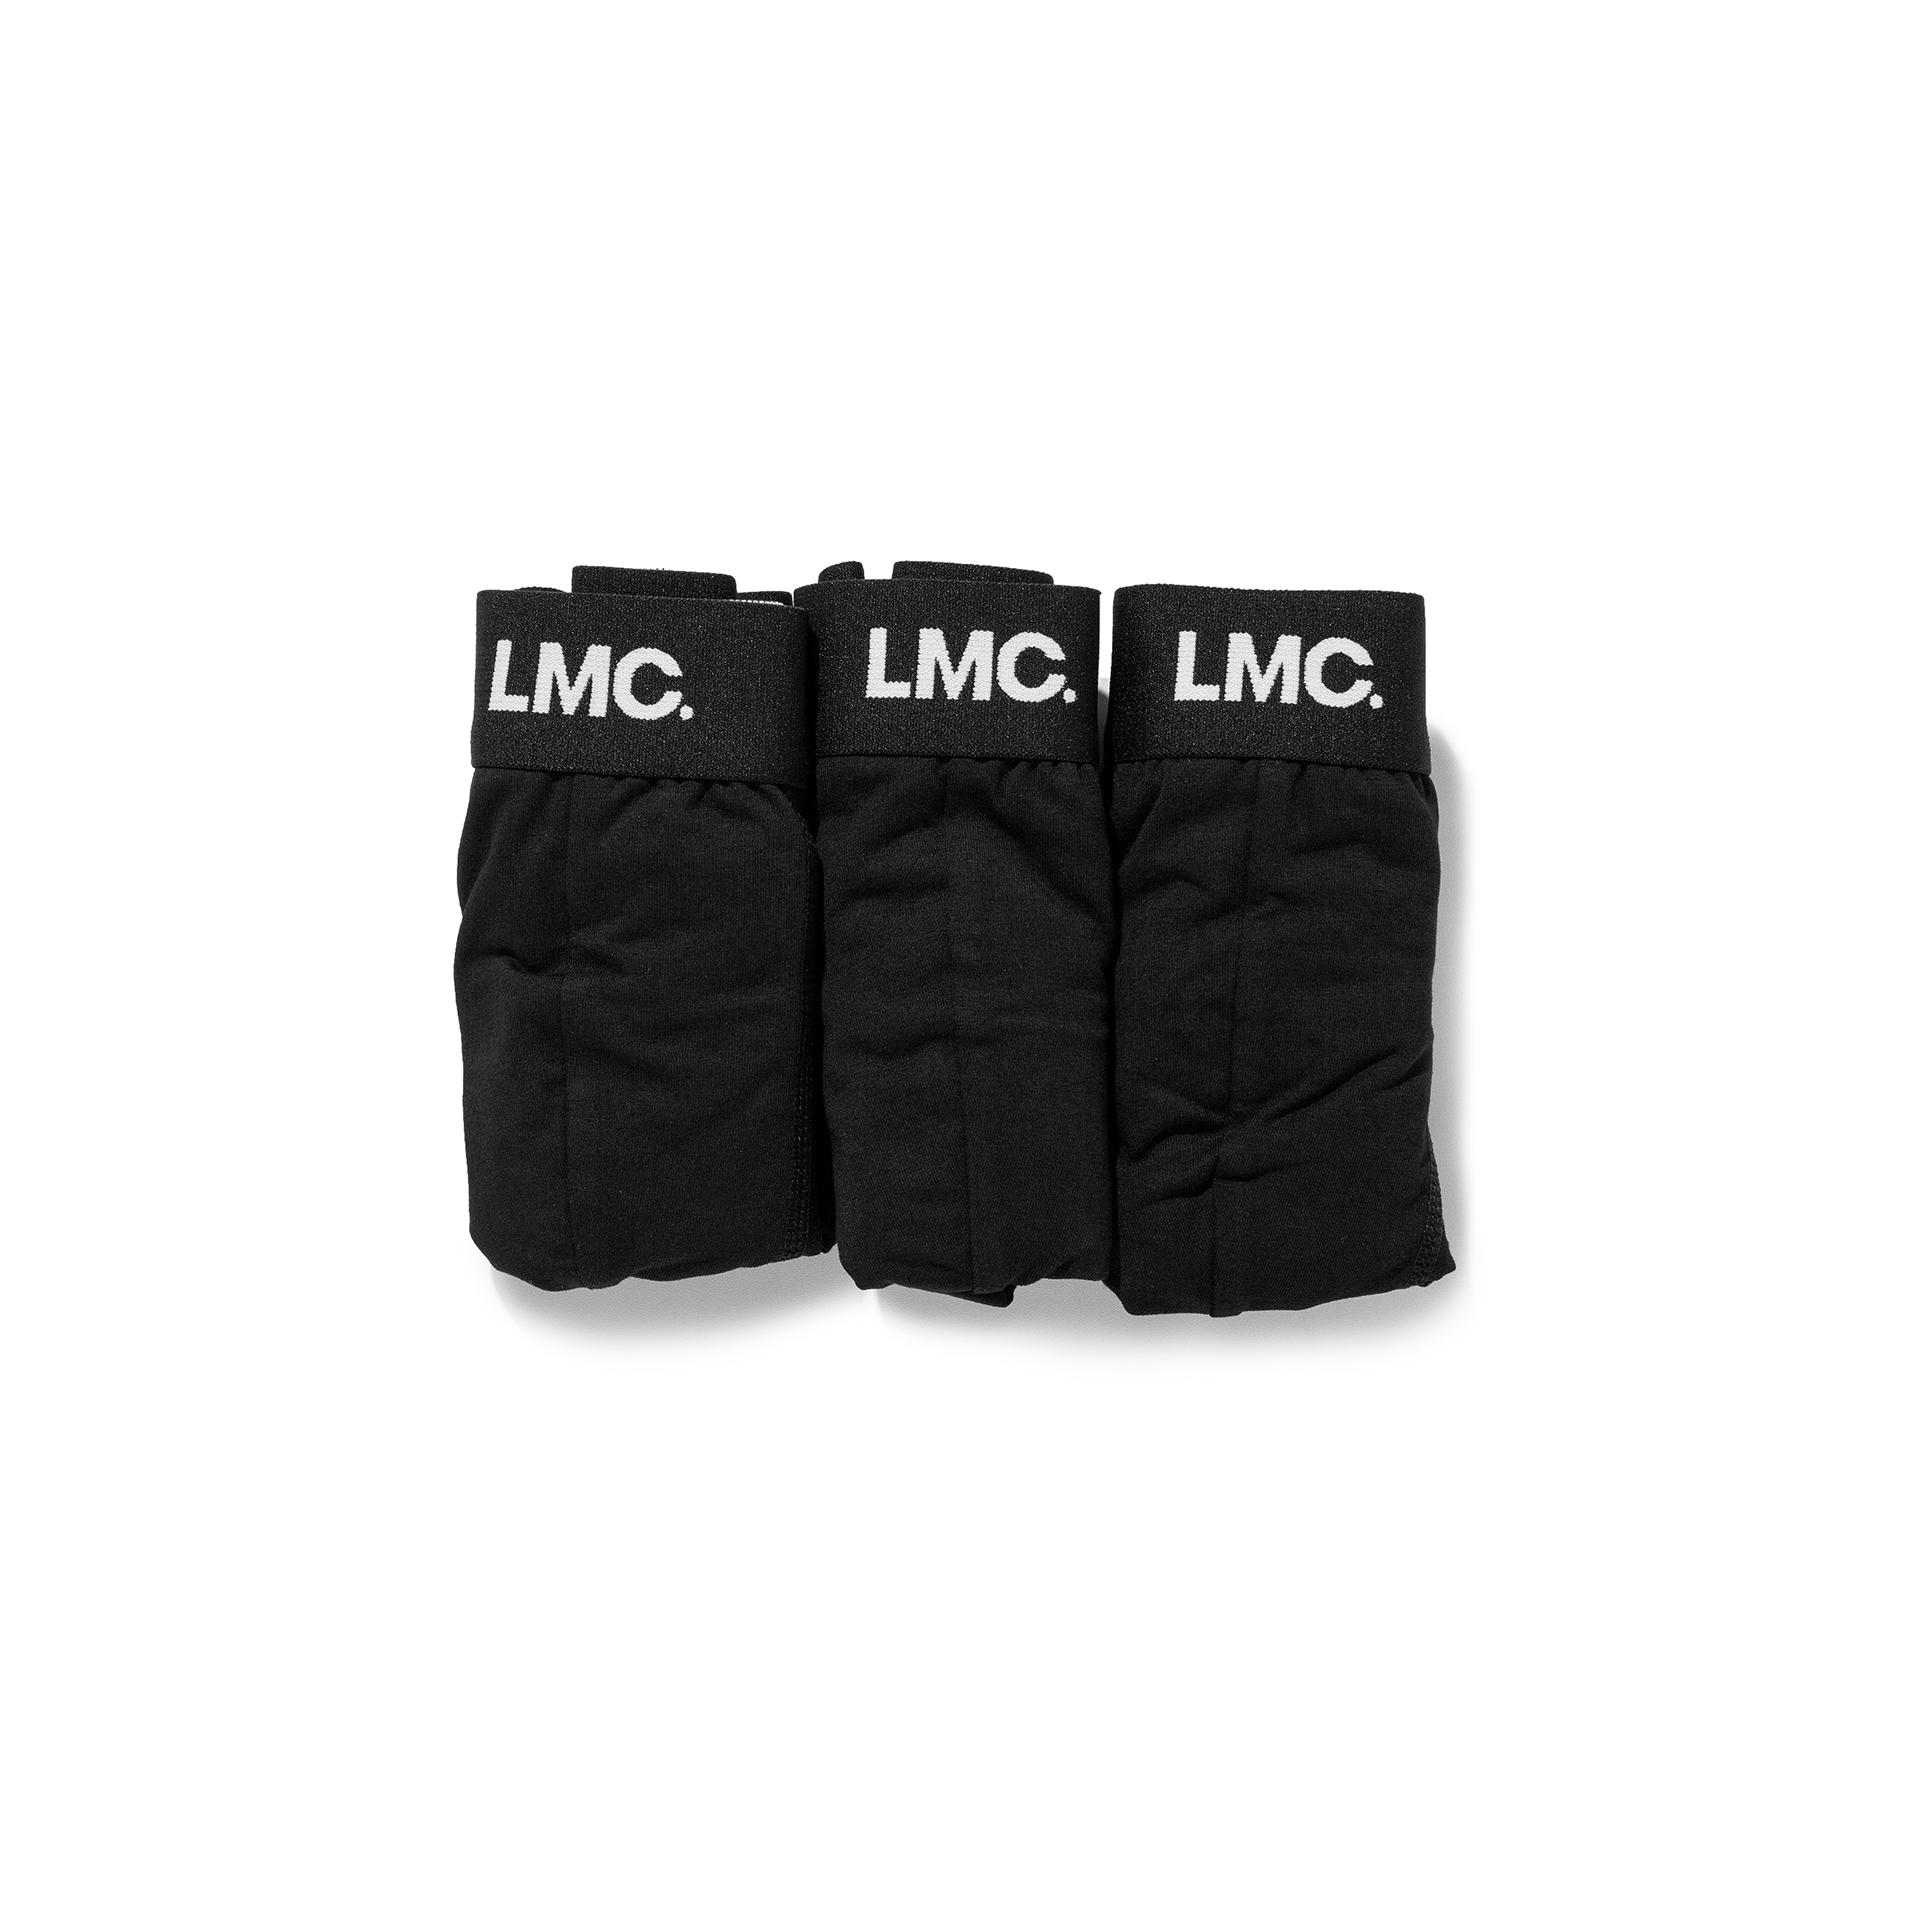 엘엠씨(LMC) LMC WHEEL LOGO BOXER BRIEFS 3PACK black